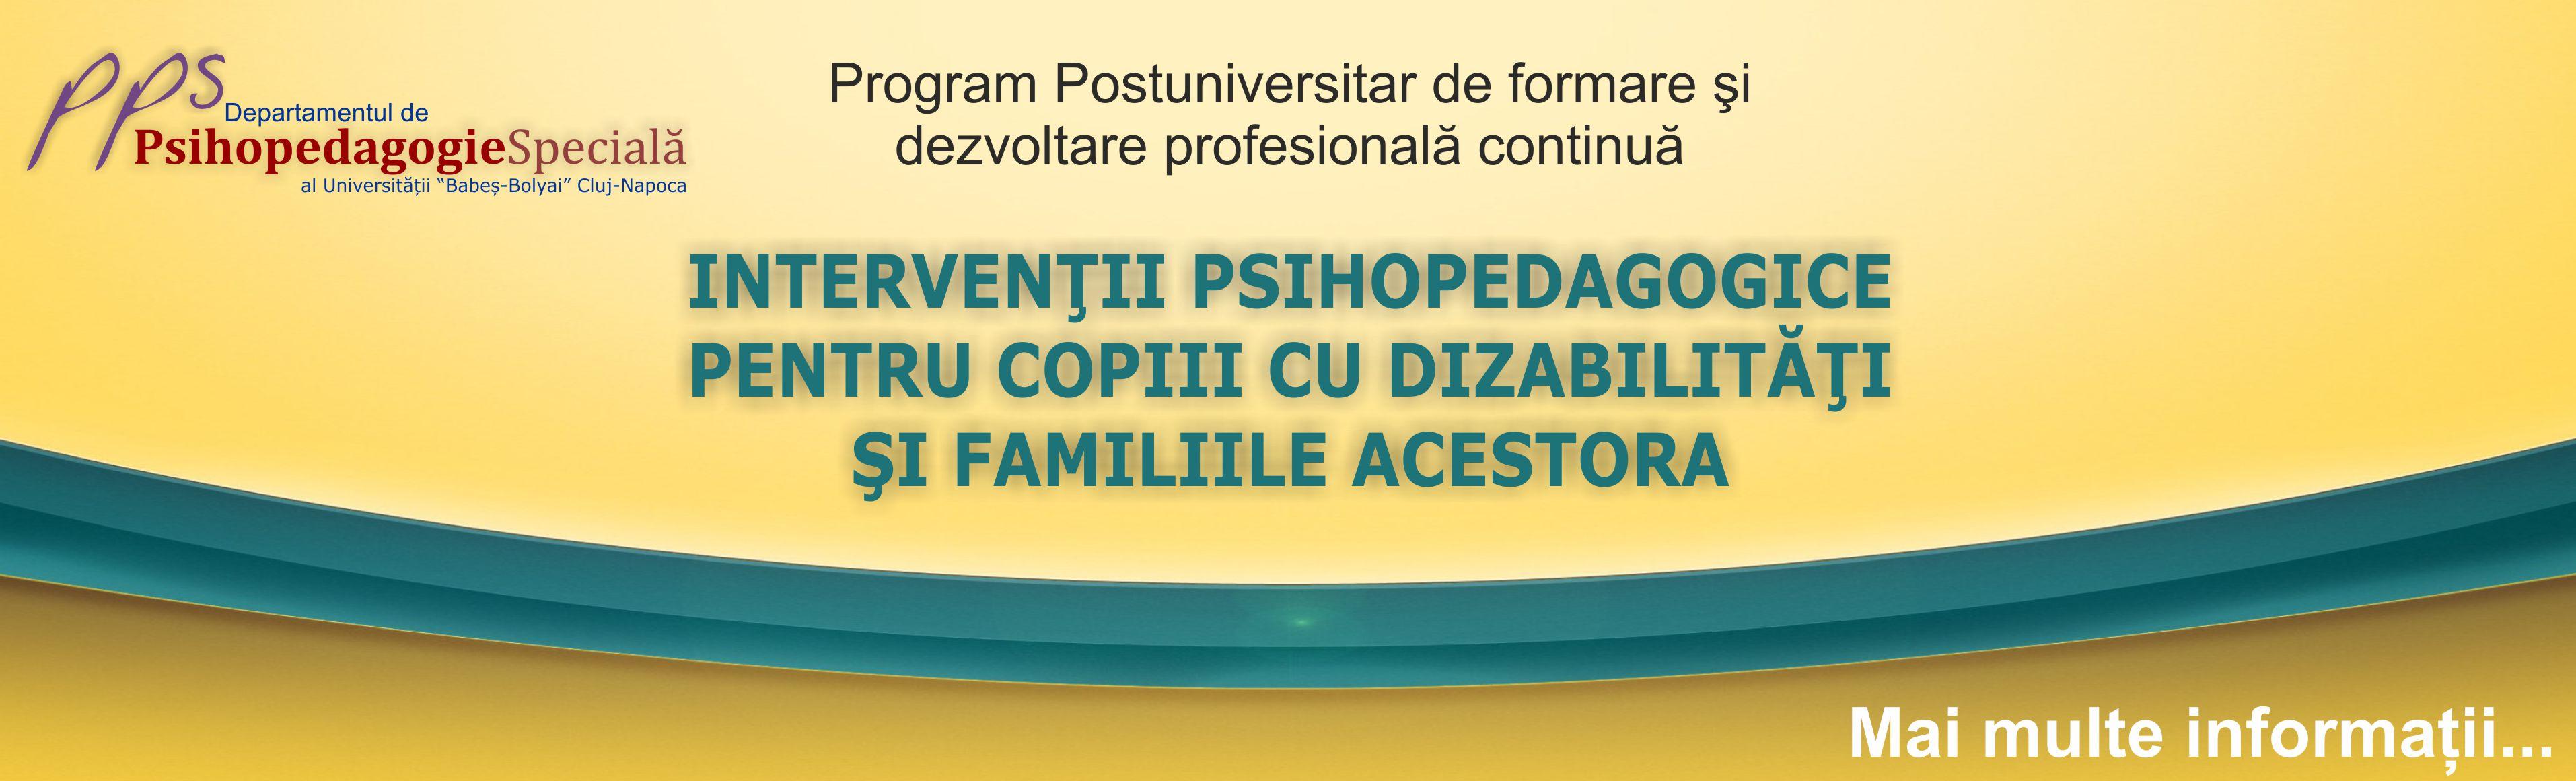 logo - interventii psihopedagogice pentru copii cu dizabilitati si familiile acestora